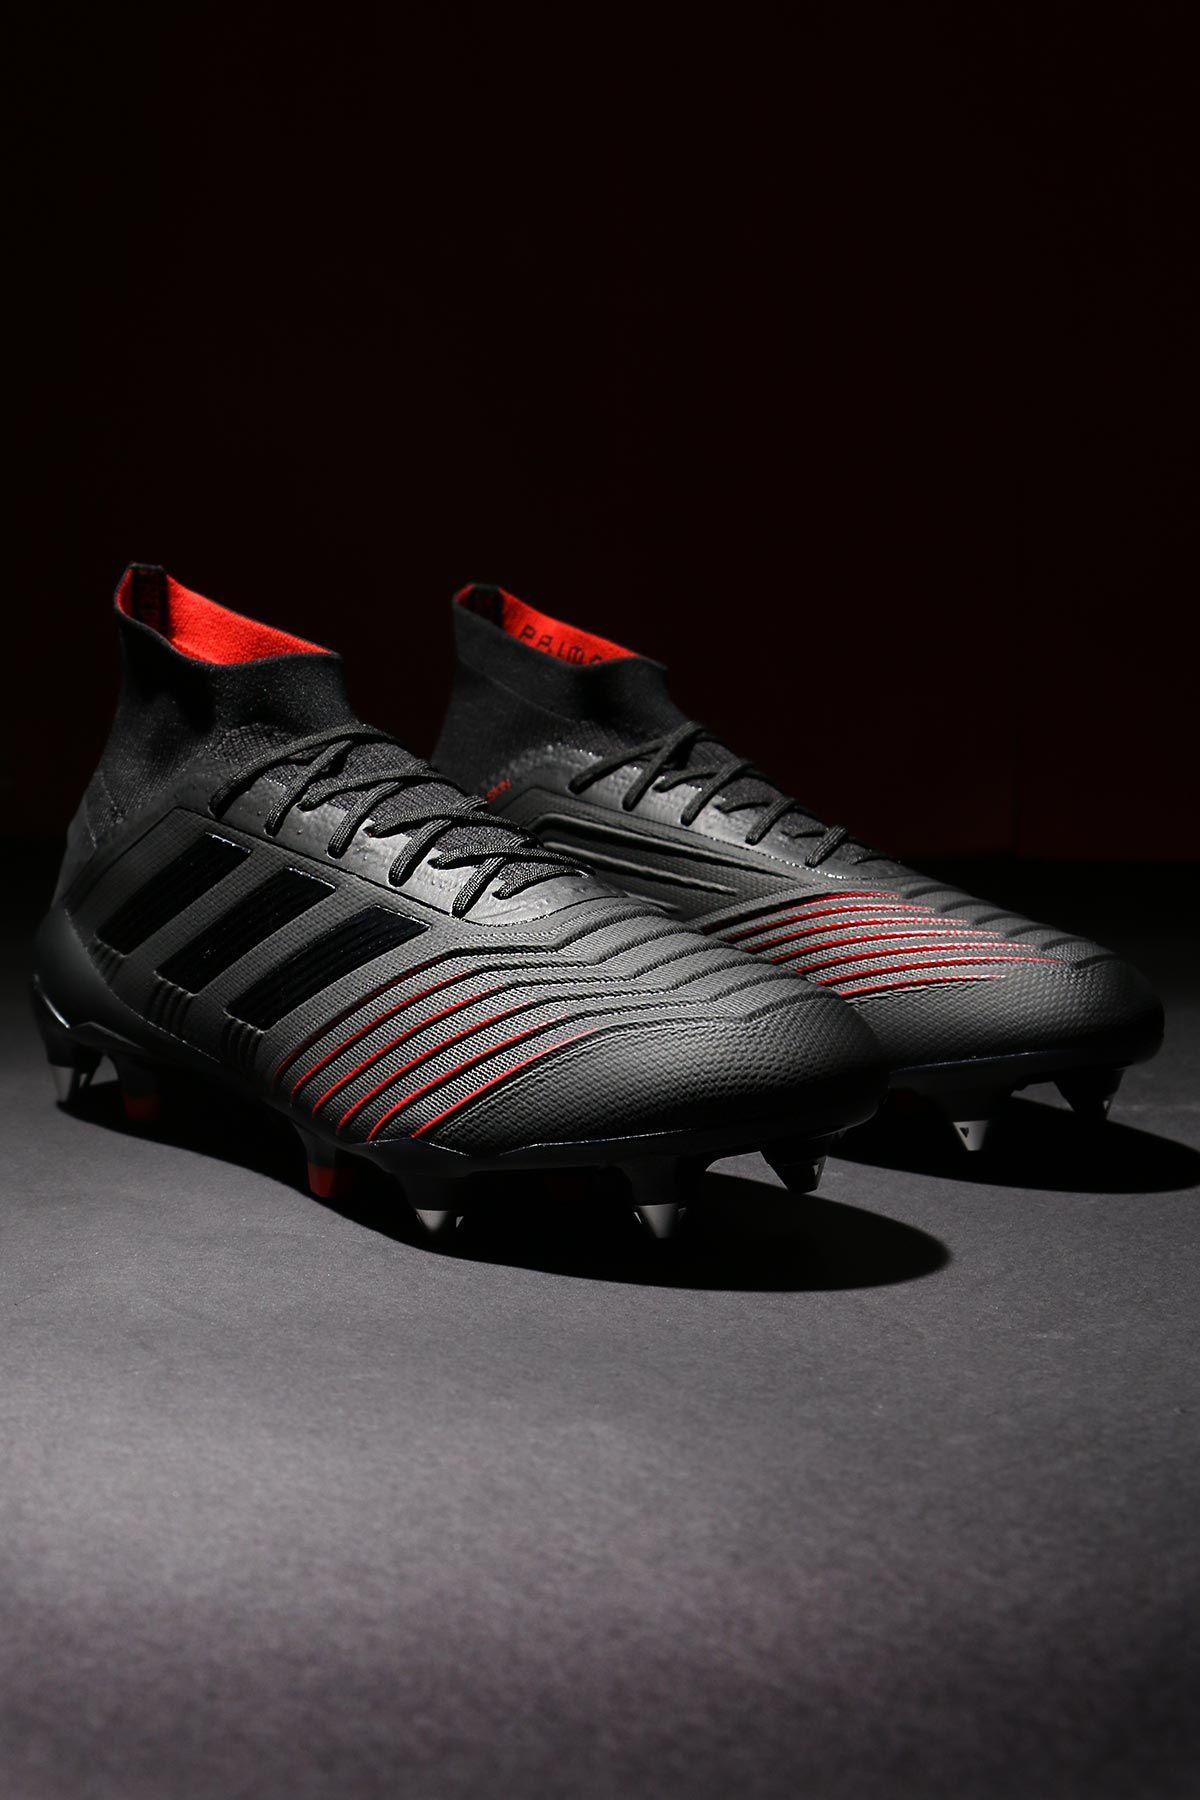 Botas de fútbol con tobillera adidas SG para césped natural húmedo - negras 4fa358e08a36c